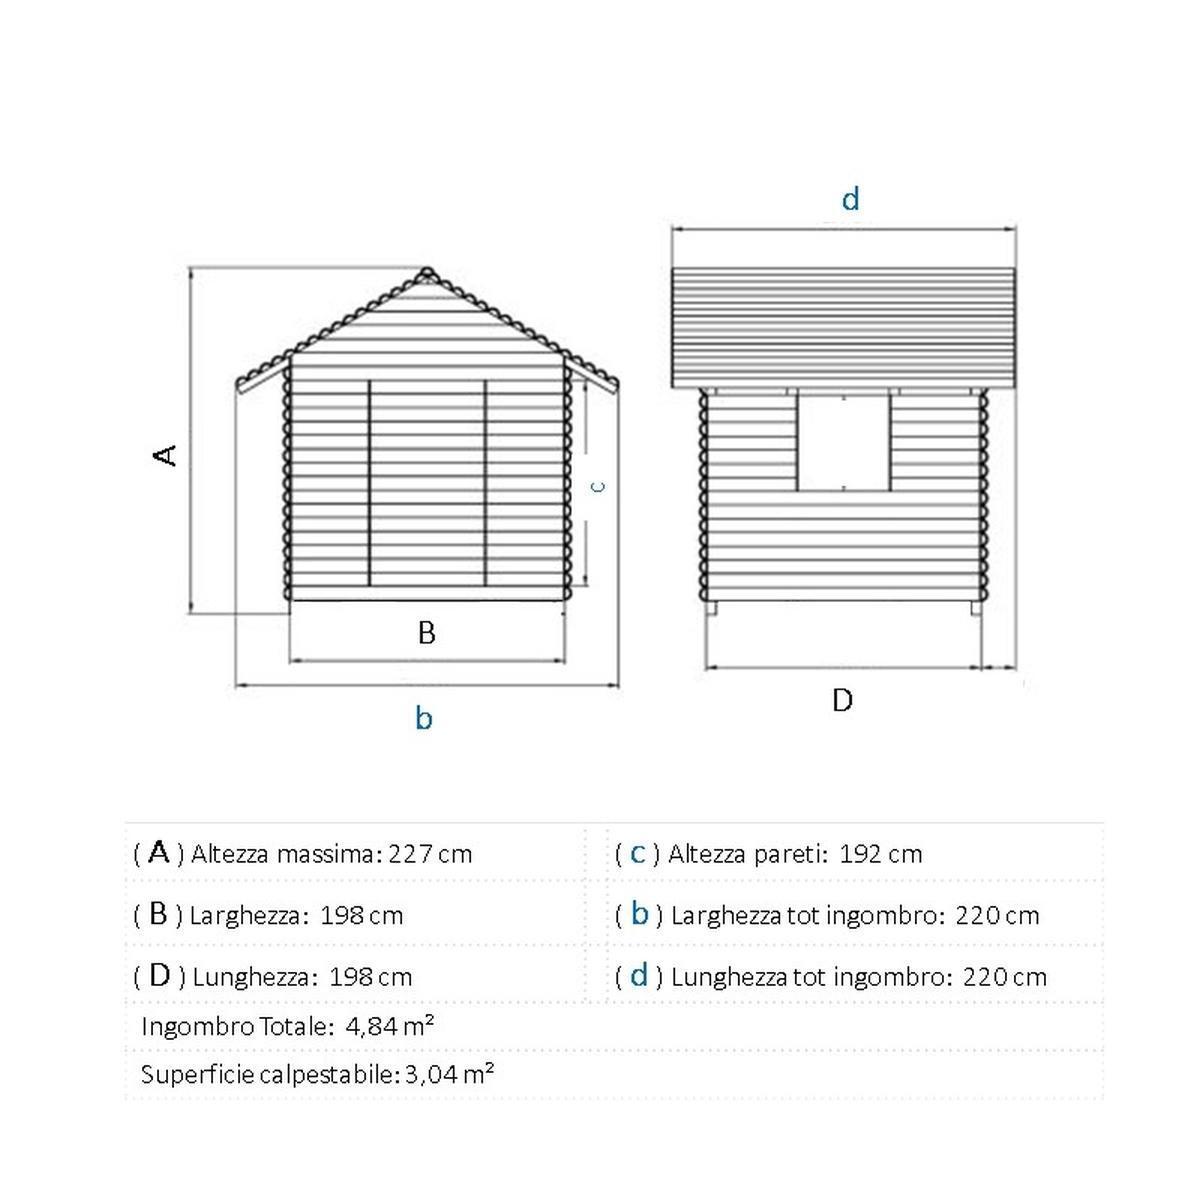 Casetta da giardino in legno Almaty, superficie interna 3.04 m² e spessore parete 28 mm - 5